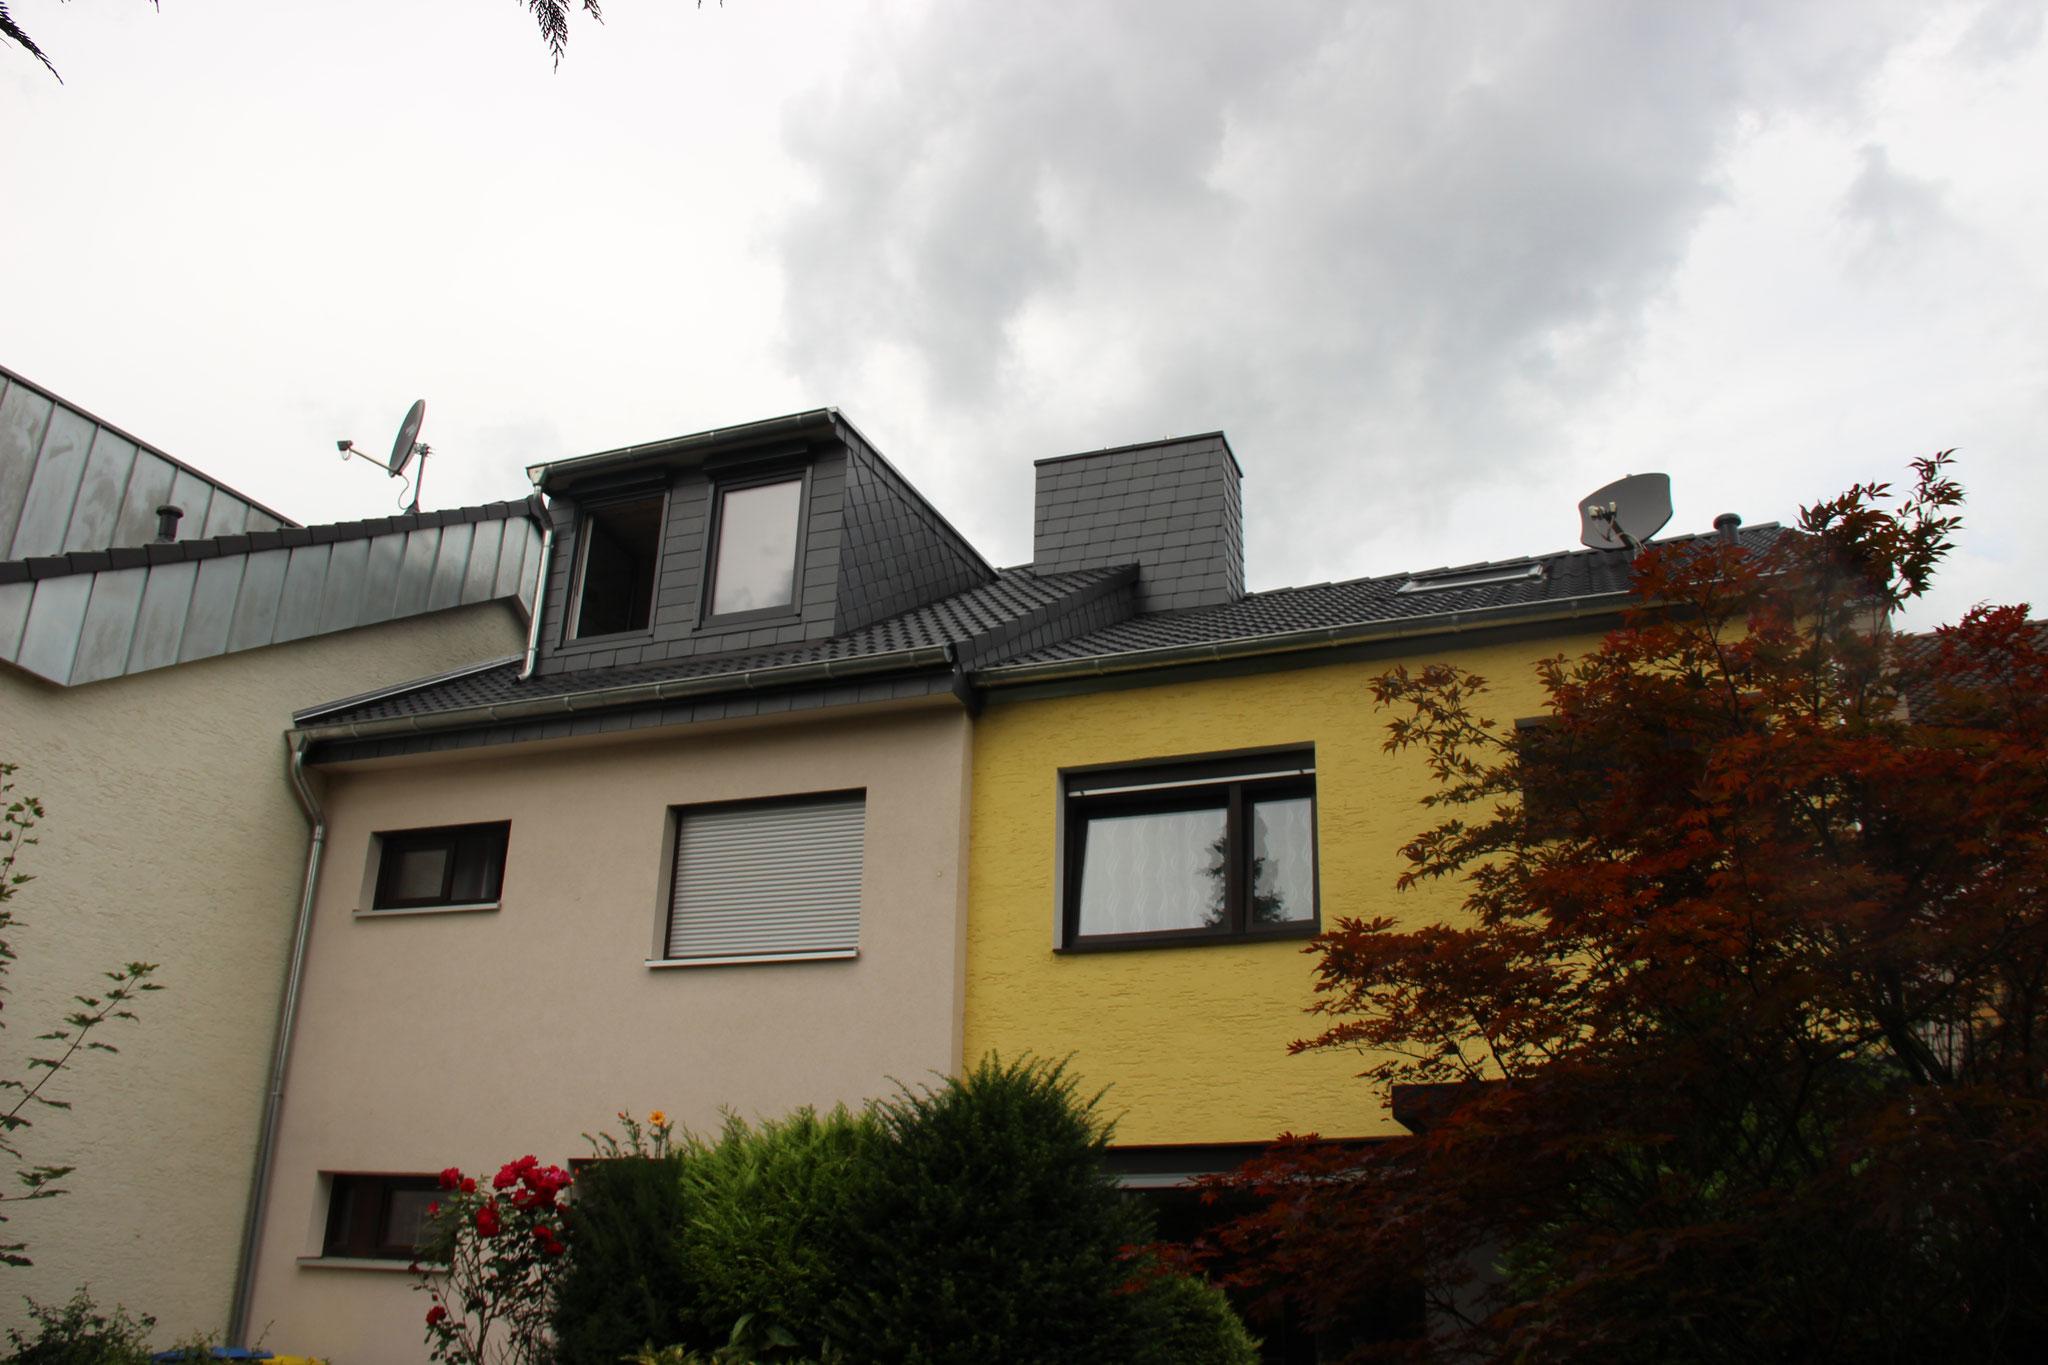 Von außen haben unsere Partner vom Dachdeckerbetrieb Lars Becker die Gaube mit Schiefer verkleidet.